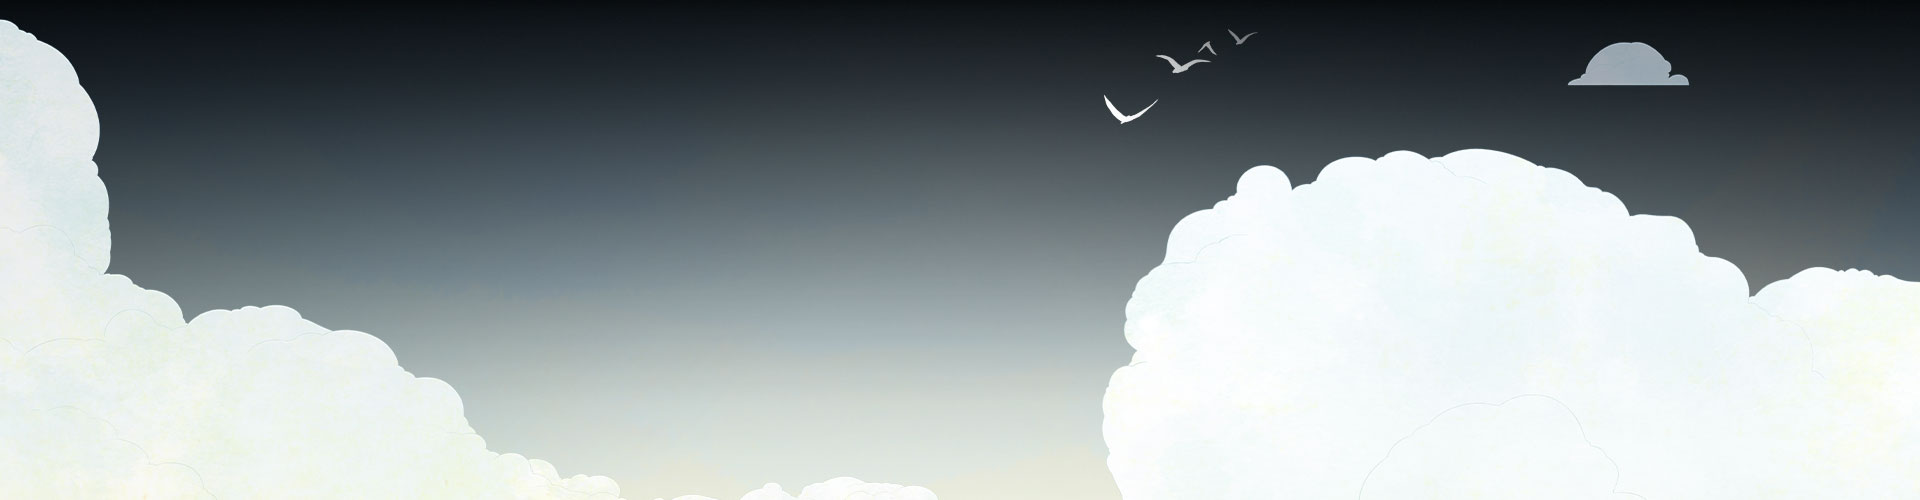 雲と飛んでいる鳥の背景